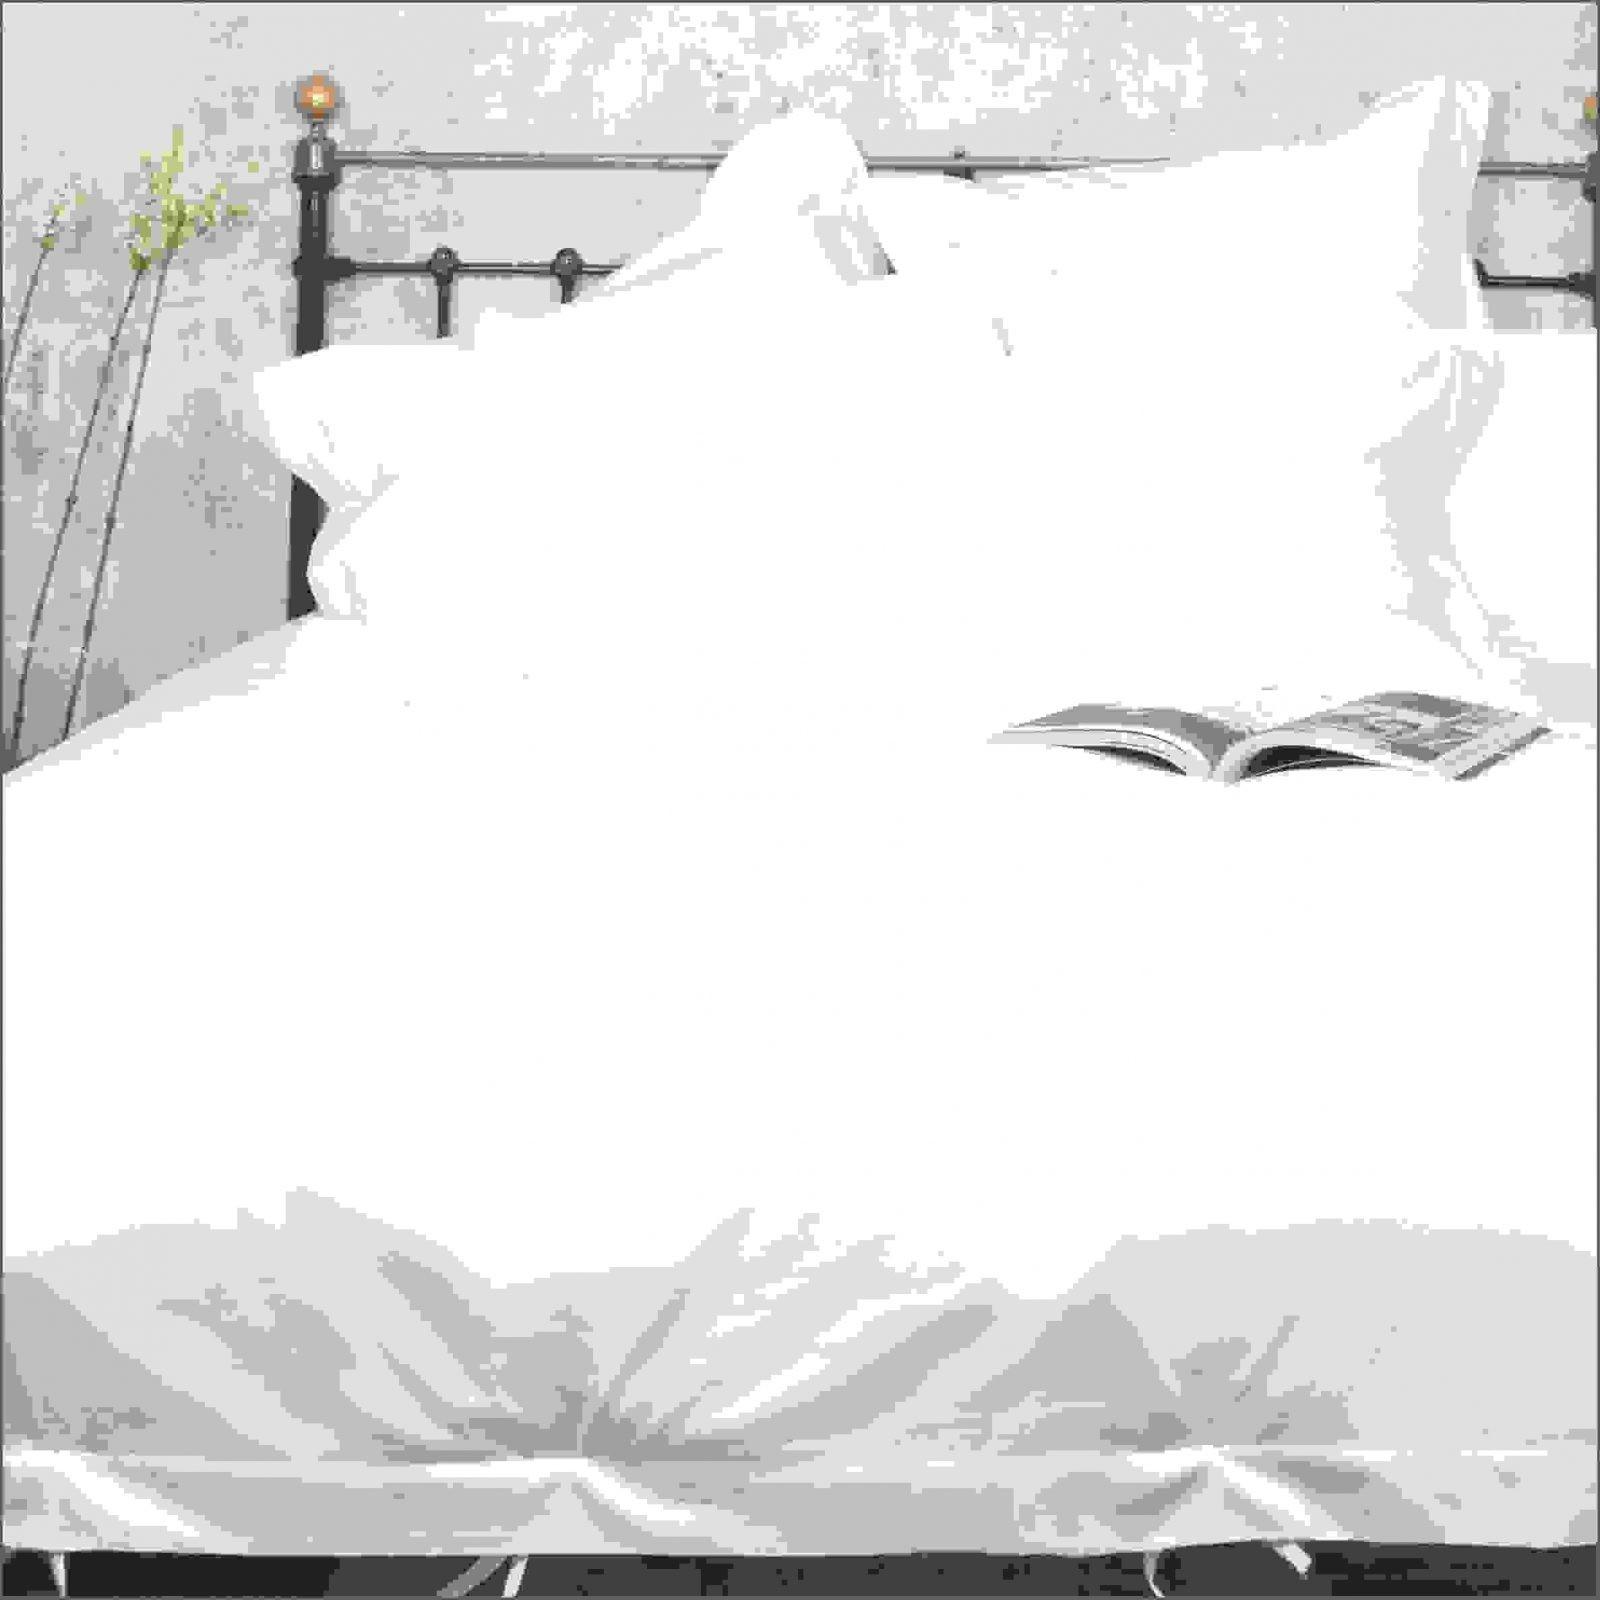 Bettwäsche Fleece Von Hochglanz Satin Bettwäsche Konzept  Die Idee von Hochglanz Satin Bettwäsche Photo